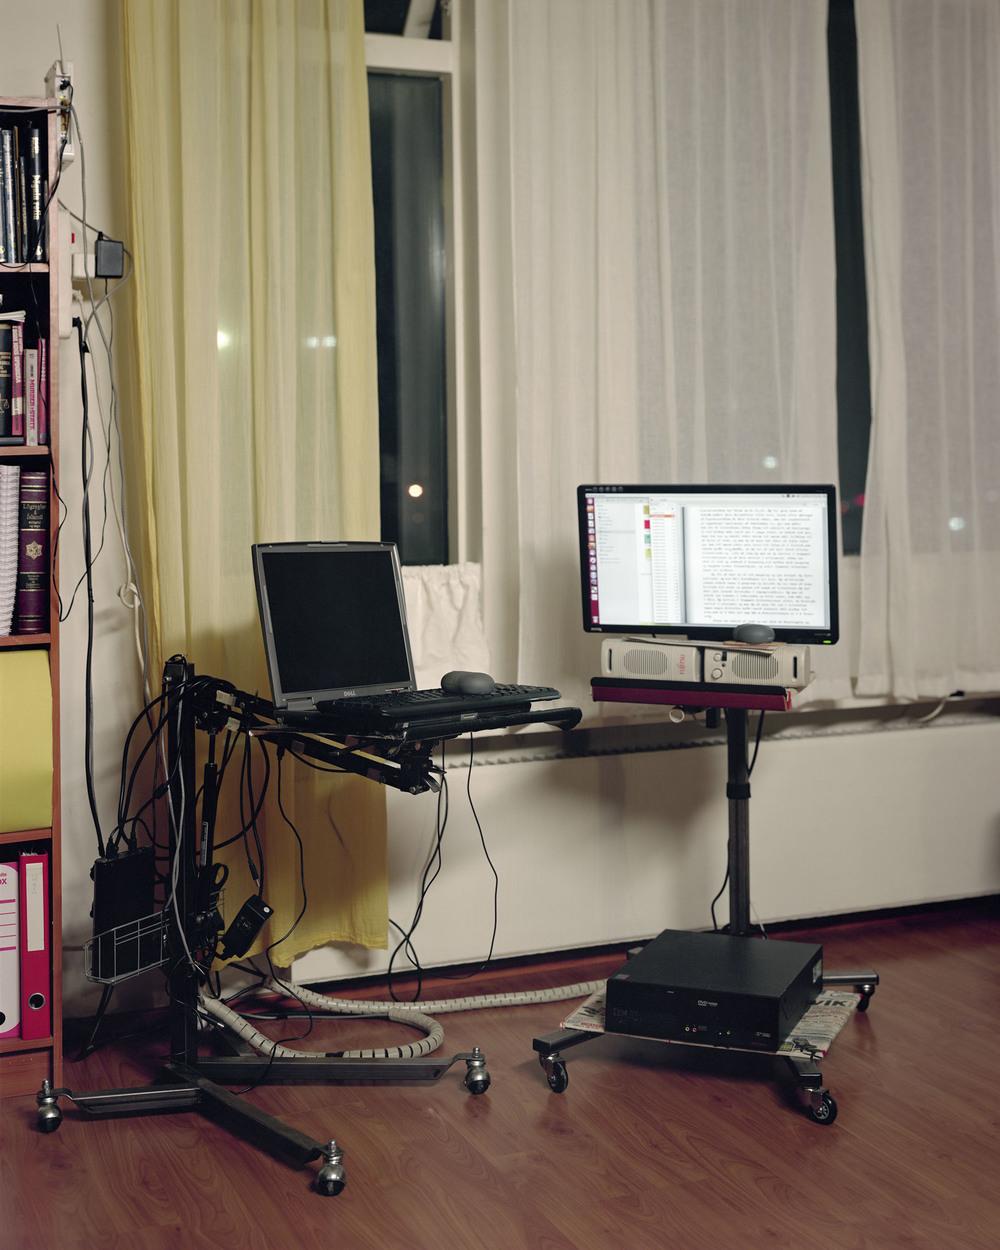 Conspiracy Theorist's Desk, Reykjavík